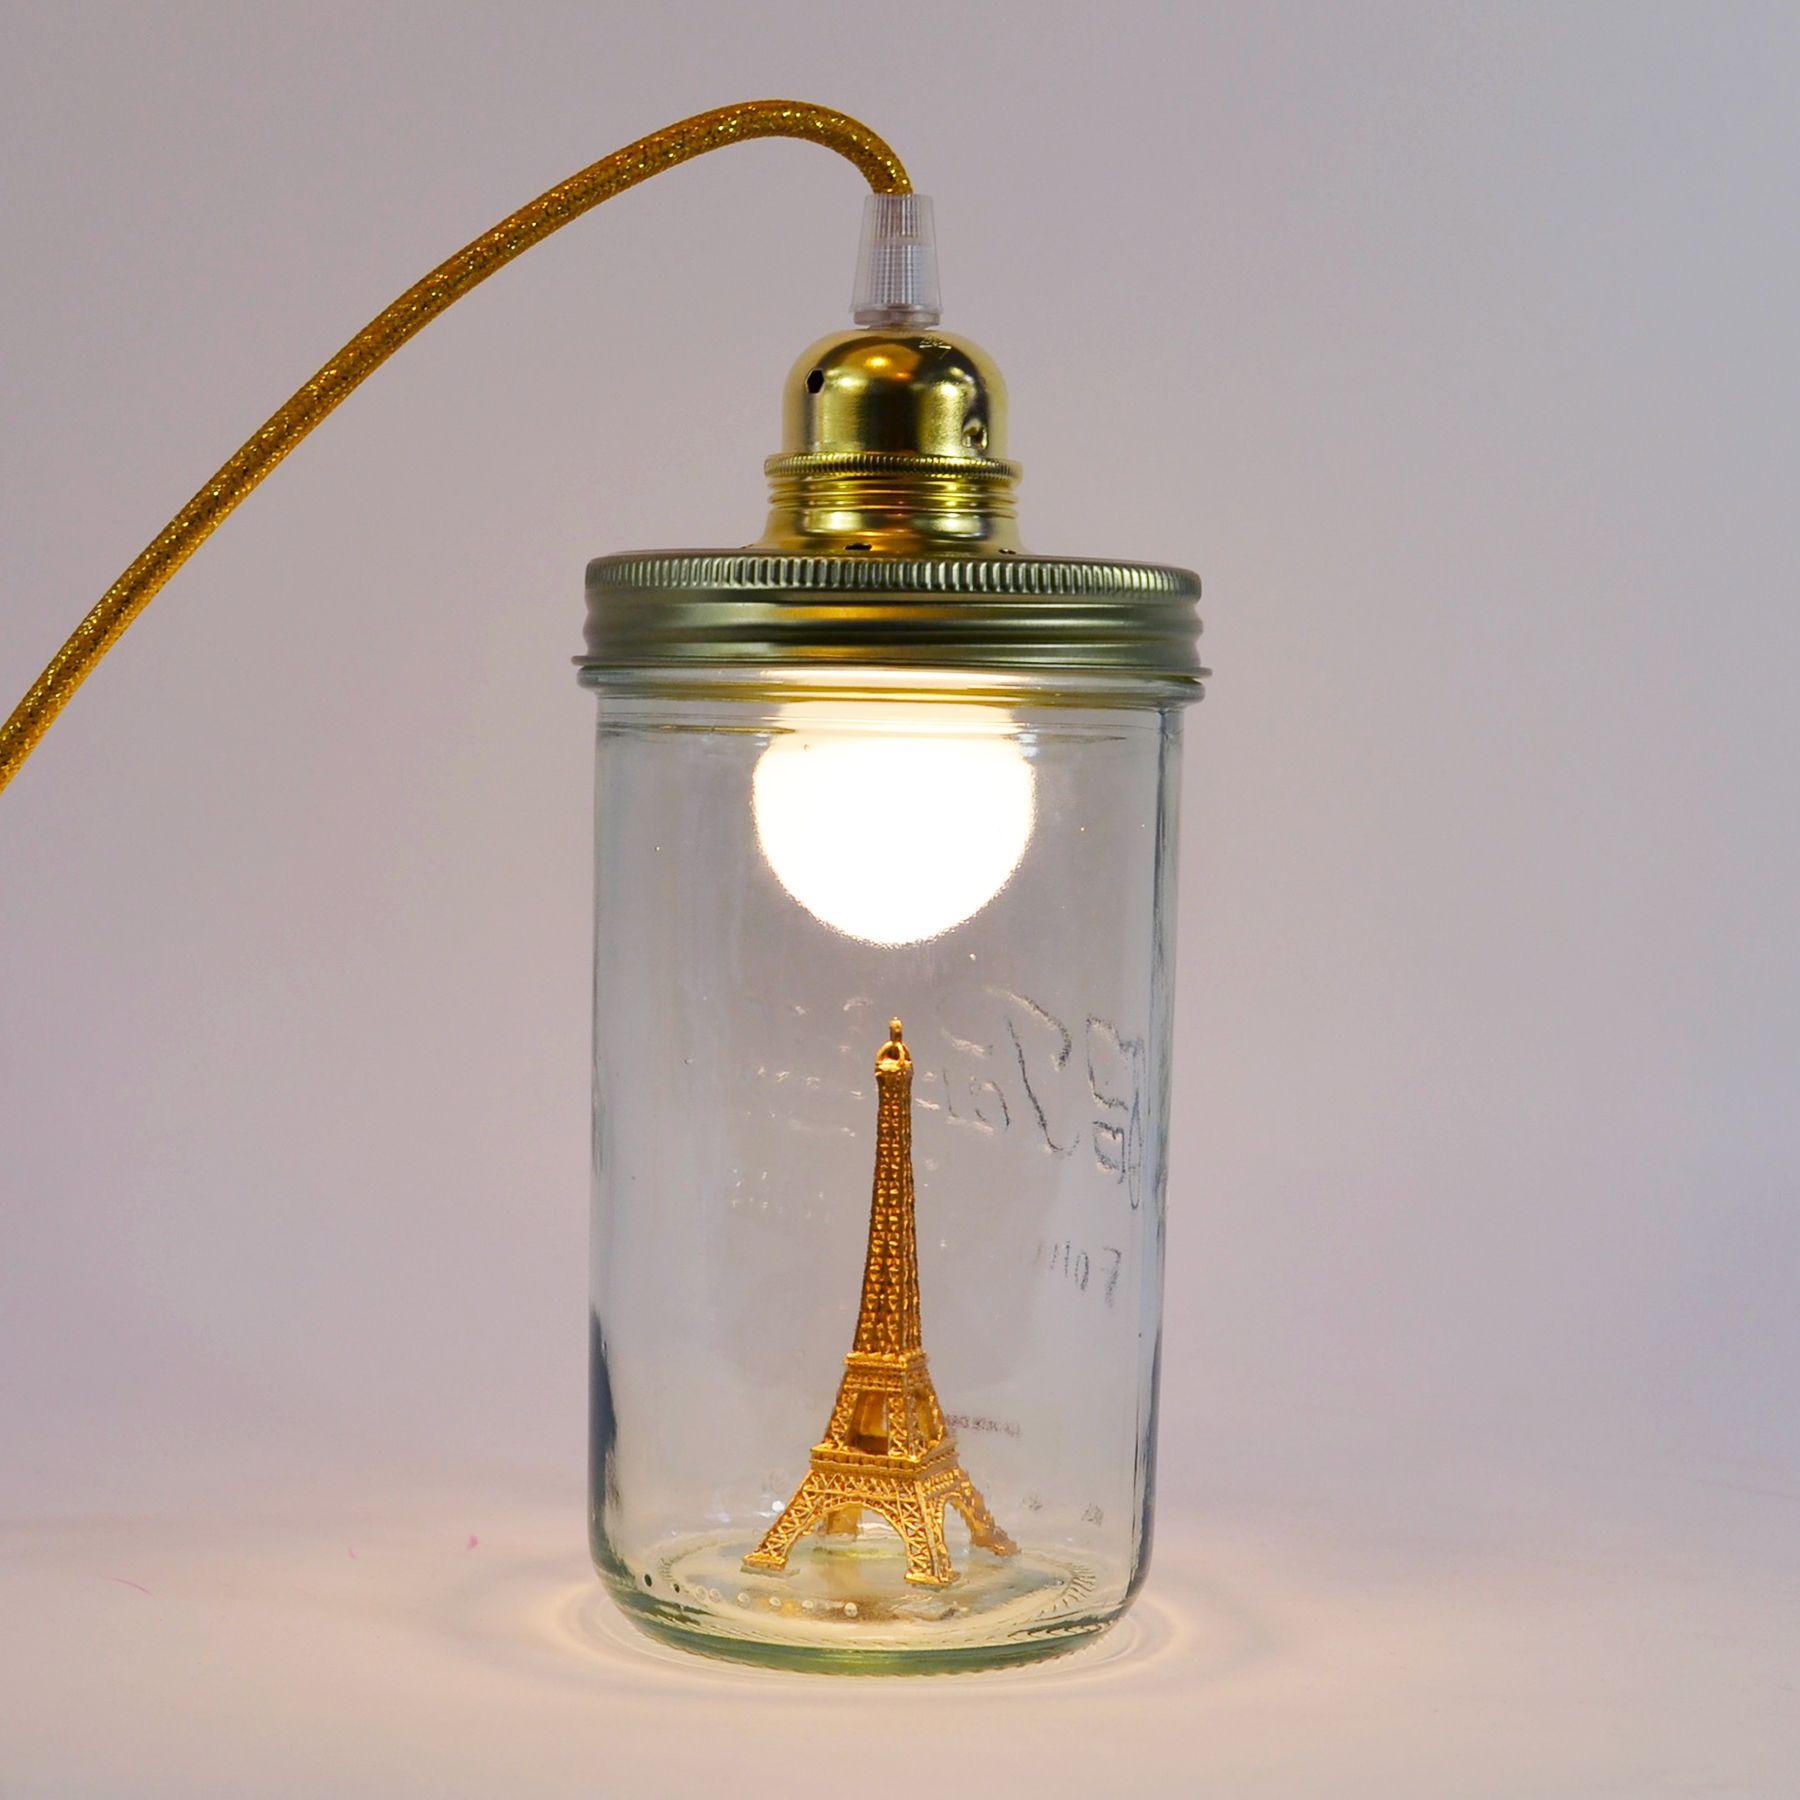 Lampe A Poser La Tete Dans Le Bocal Tour Eiffel Lampe A Poser Baladeuse Or Paillete H17 5cm 17985 958 Jpg 1800 1800 Lamp Light Lamp Mason Jar Lamp